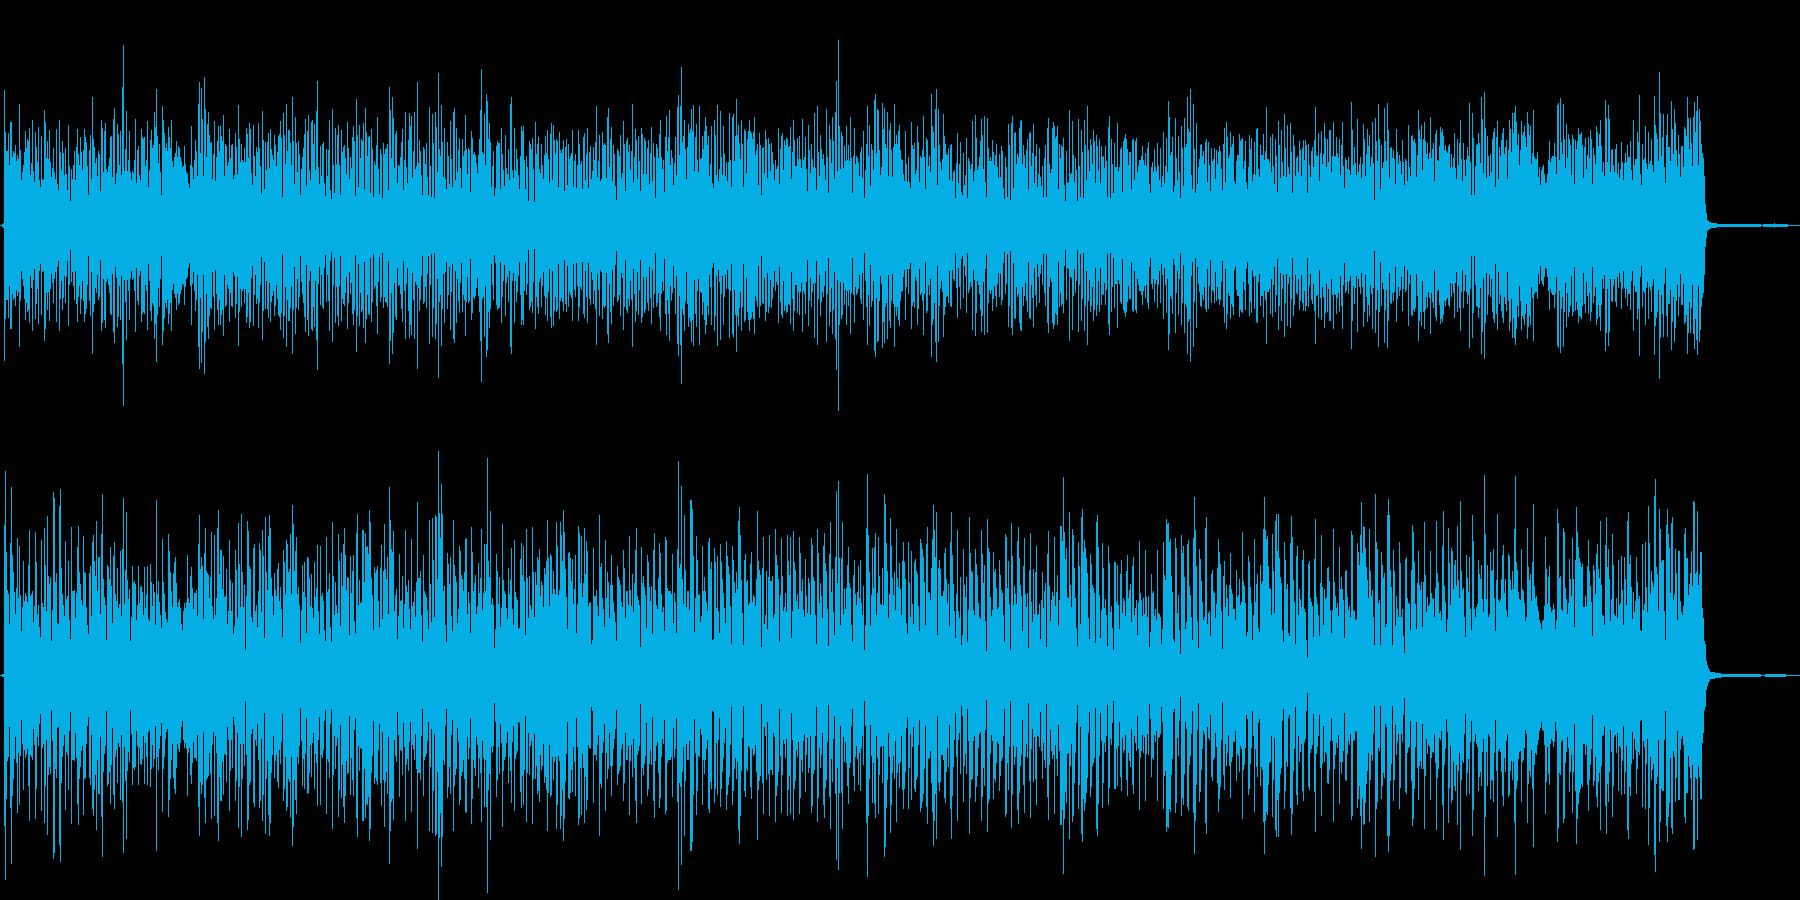 昔のアメリカっぽい楽しいラグタイムピアノの再生済みの波形